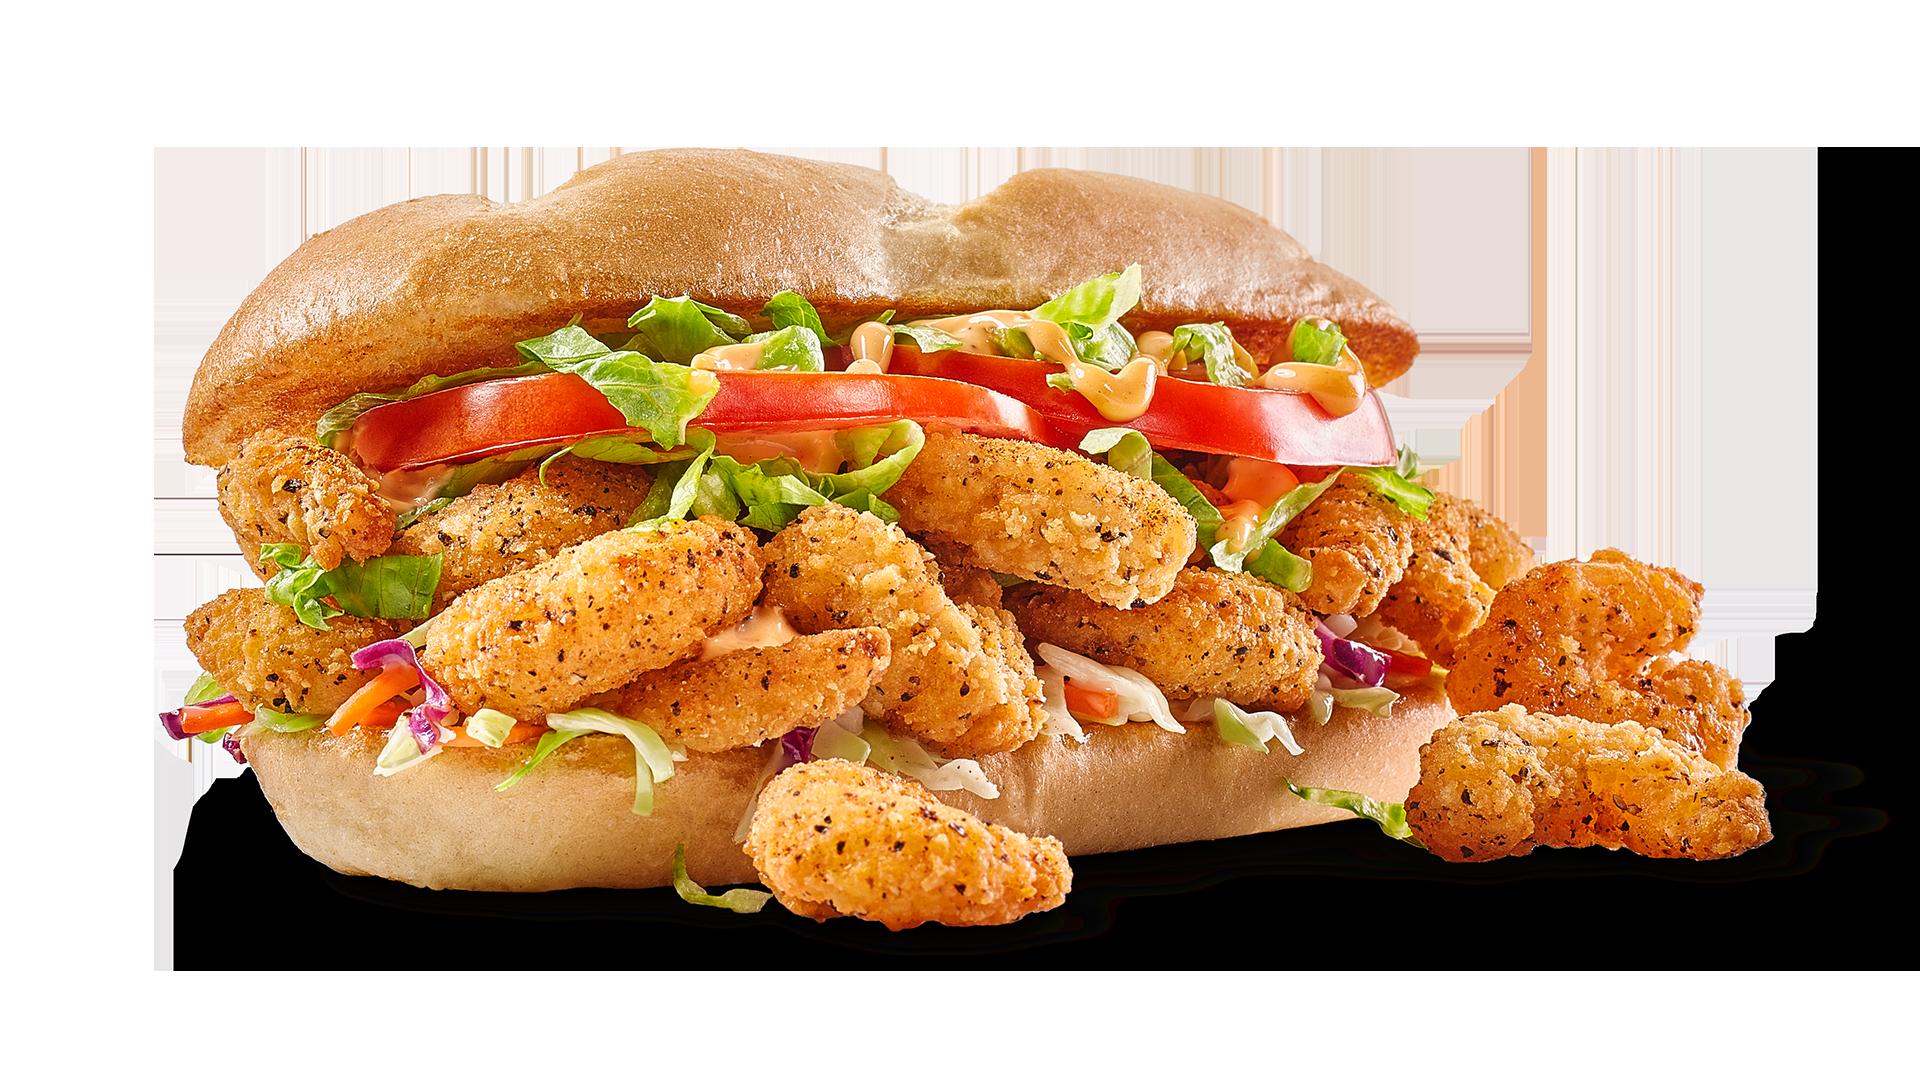 Sandwich PNG HD - 146364